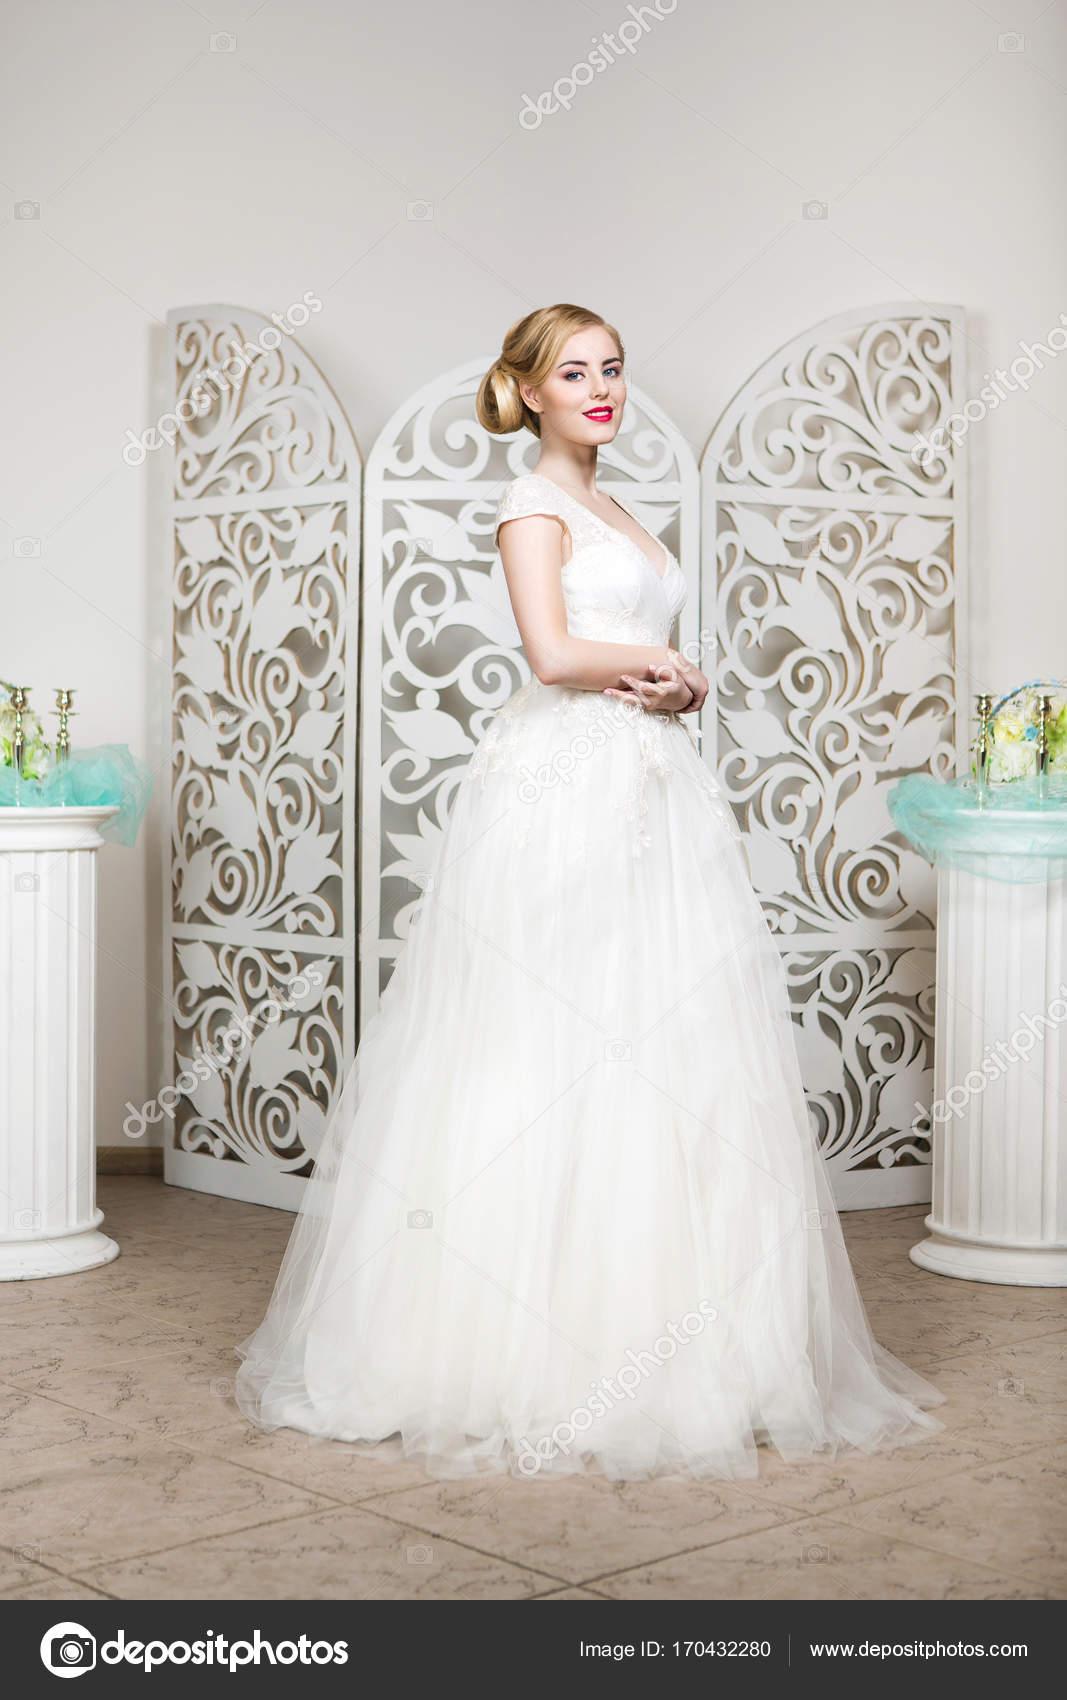 Schone Madchen In Hochzeitskleid Stockfoto C Svetography 170432280